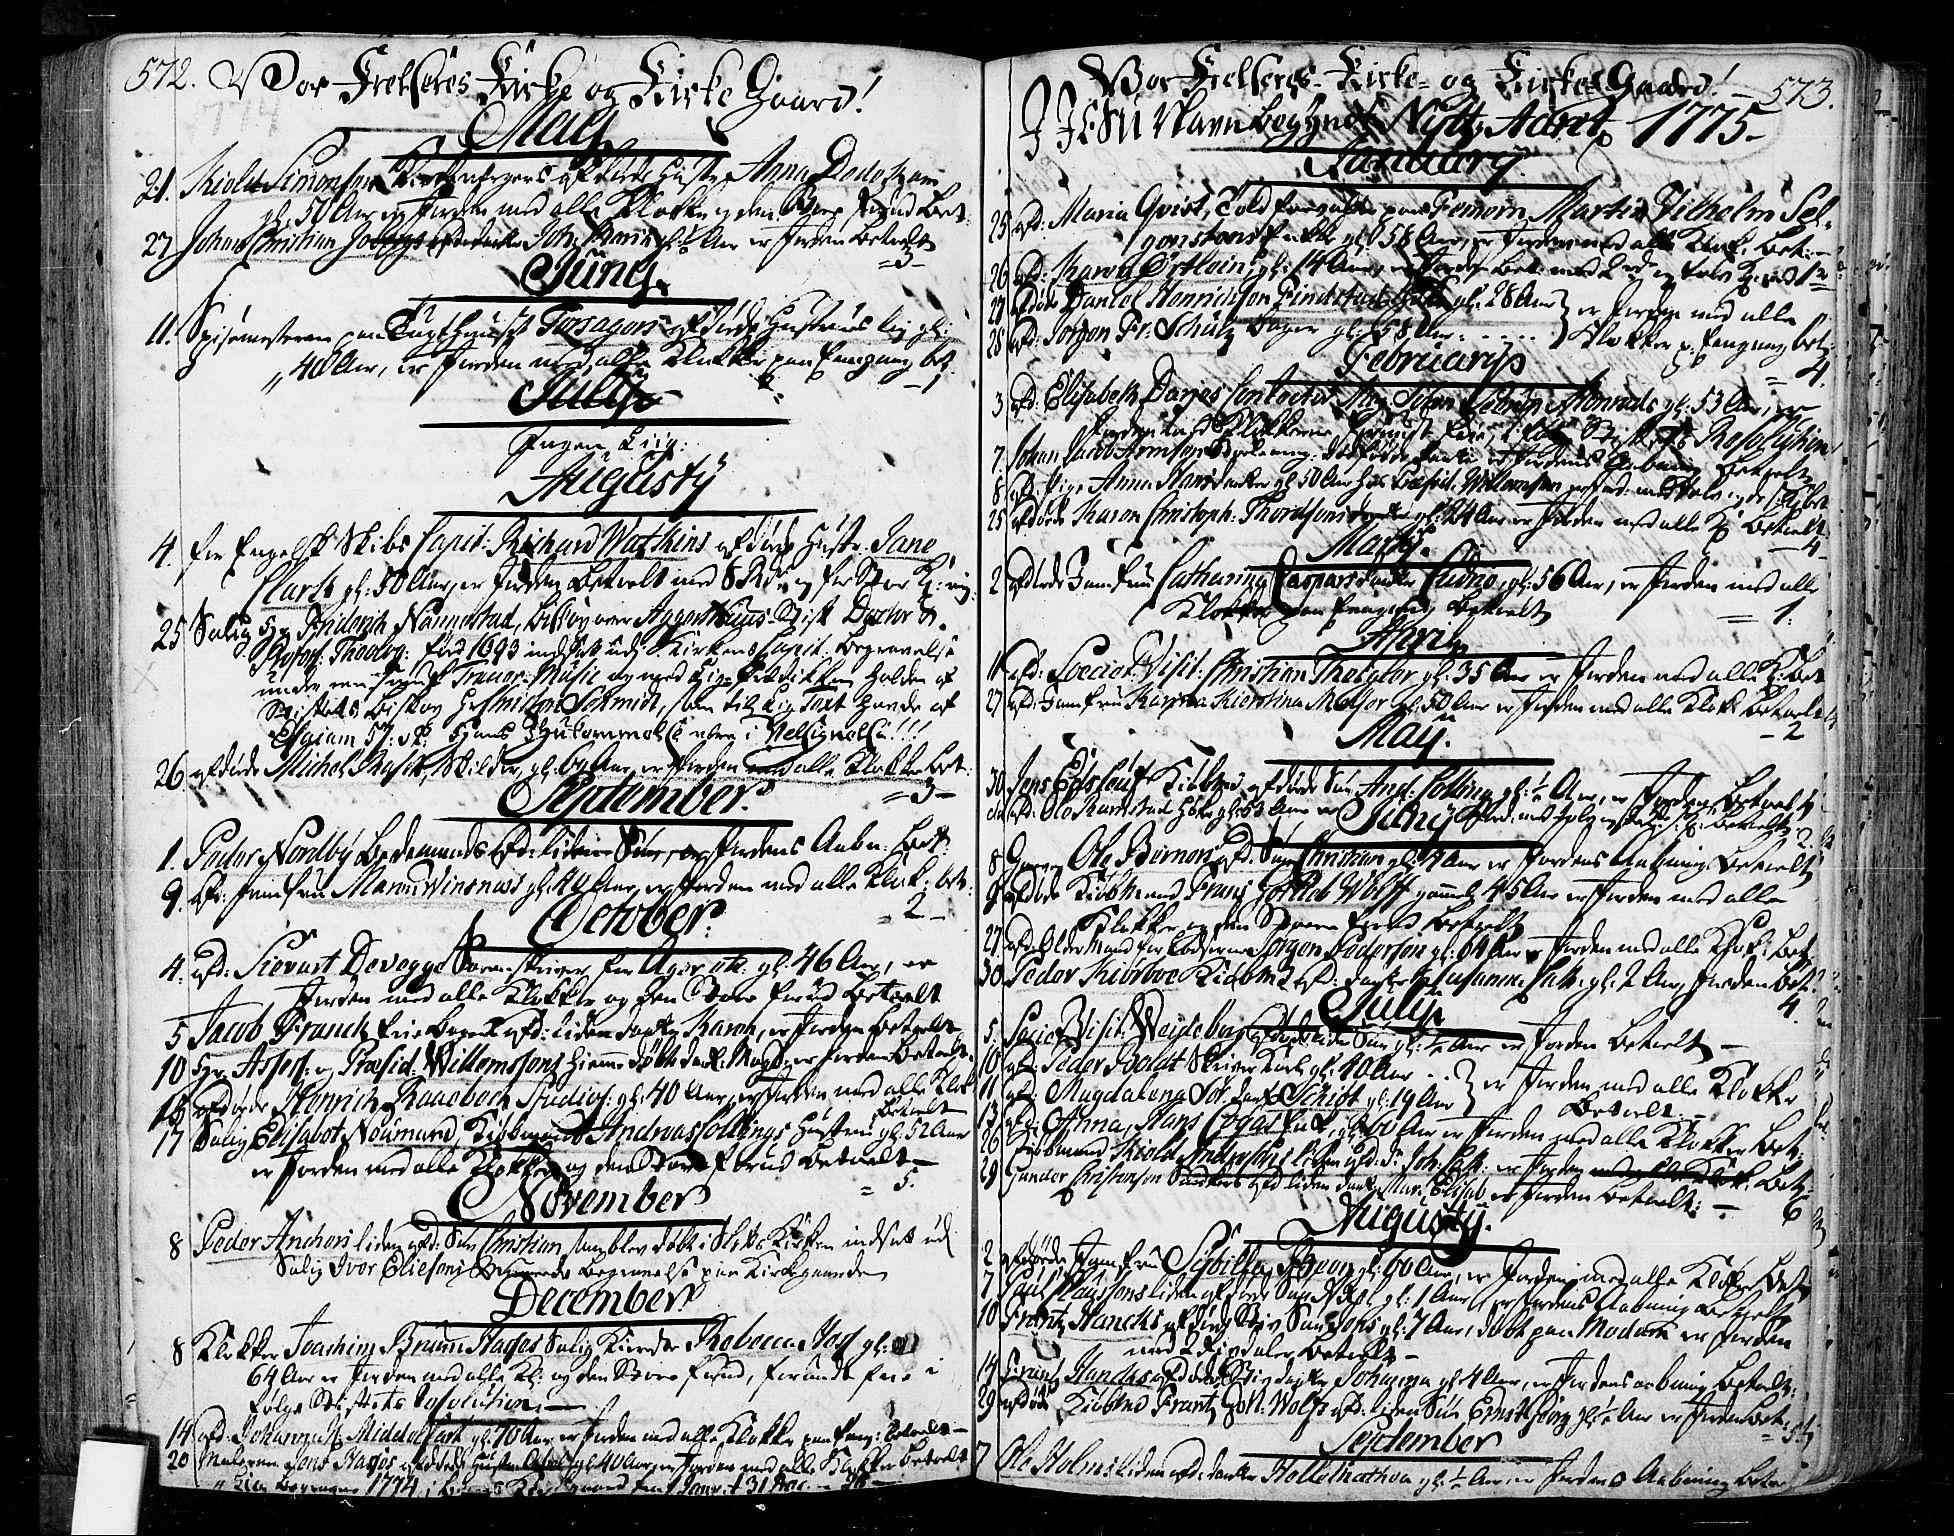 SAO, Oslo domkirke Kirkebøker, F/Fa/L0004: Ministerialbok nr. 4, 1743-1786, s. 572-573